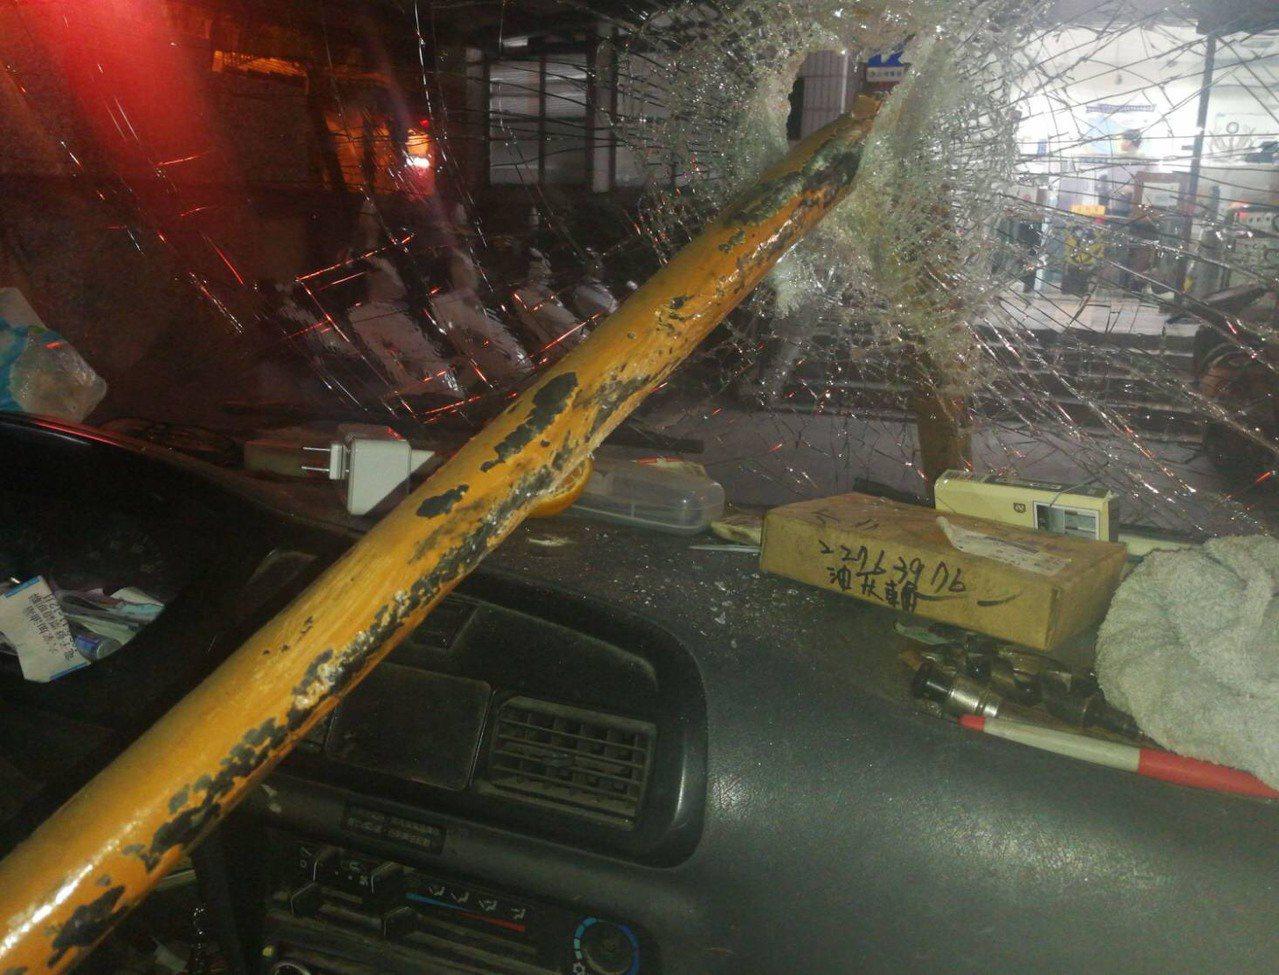 鐵條插進駕駛艙,嚇壞陳姓司機。 記者林昭彰/翻攝